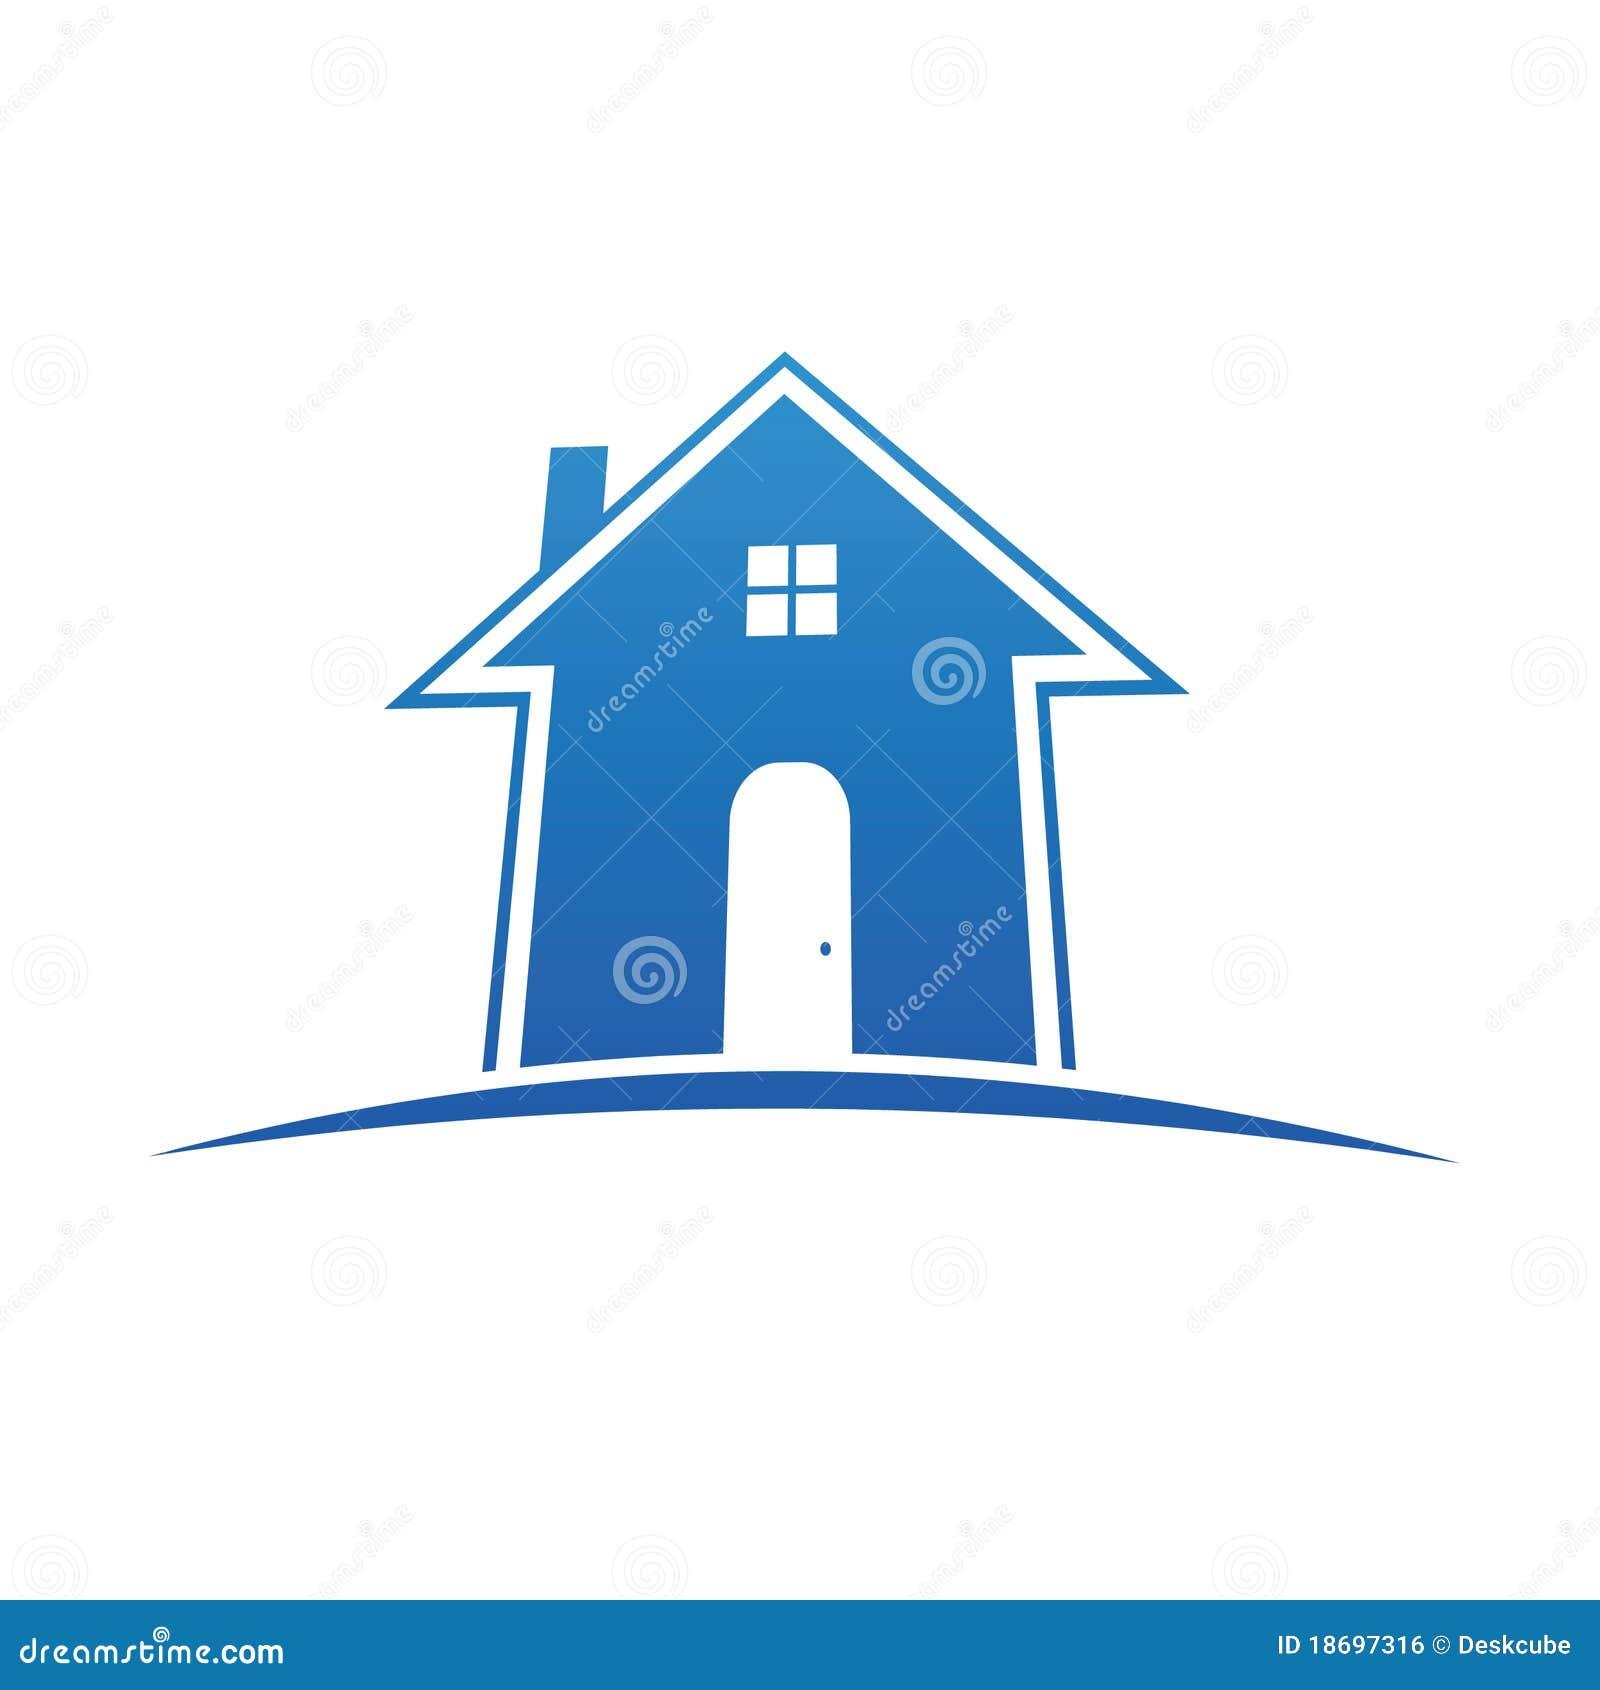 Logo House Royalty Free Stock Image Image 18697316